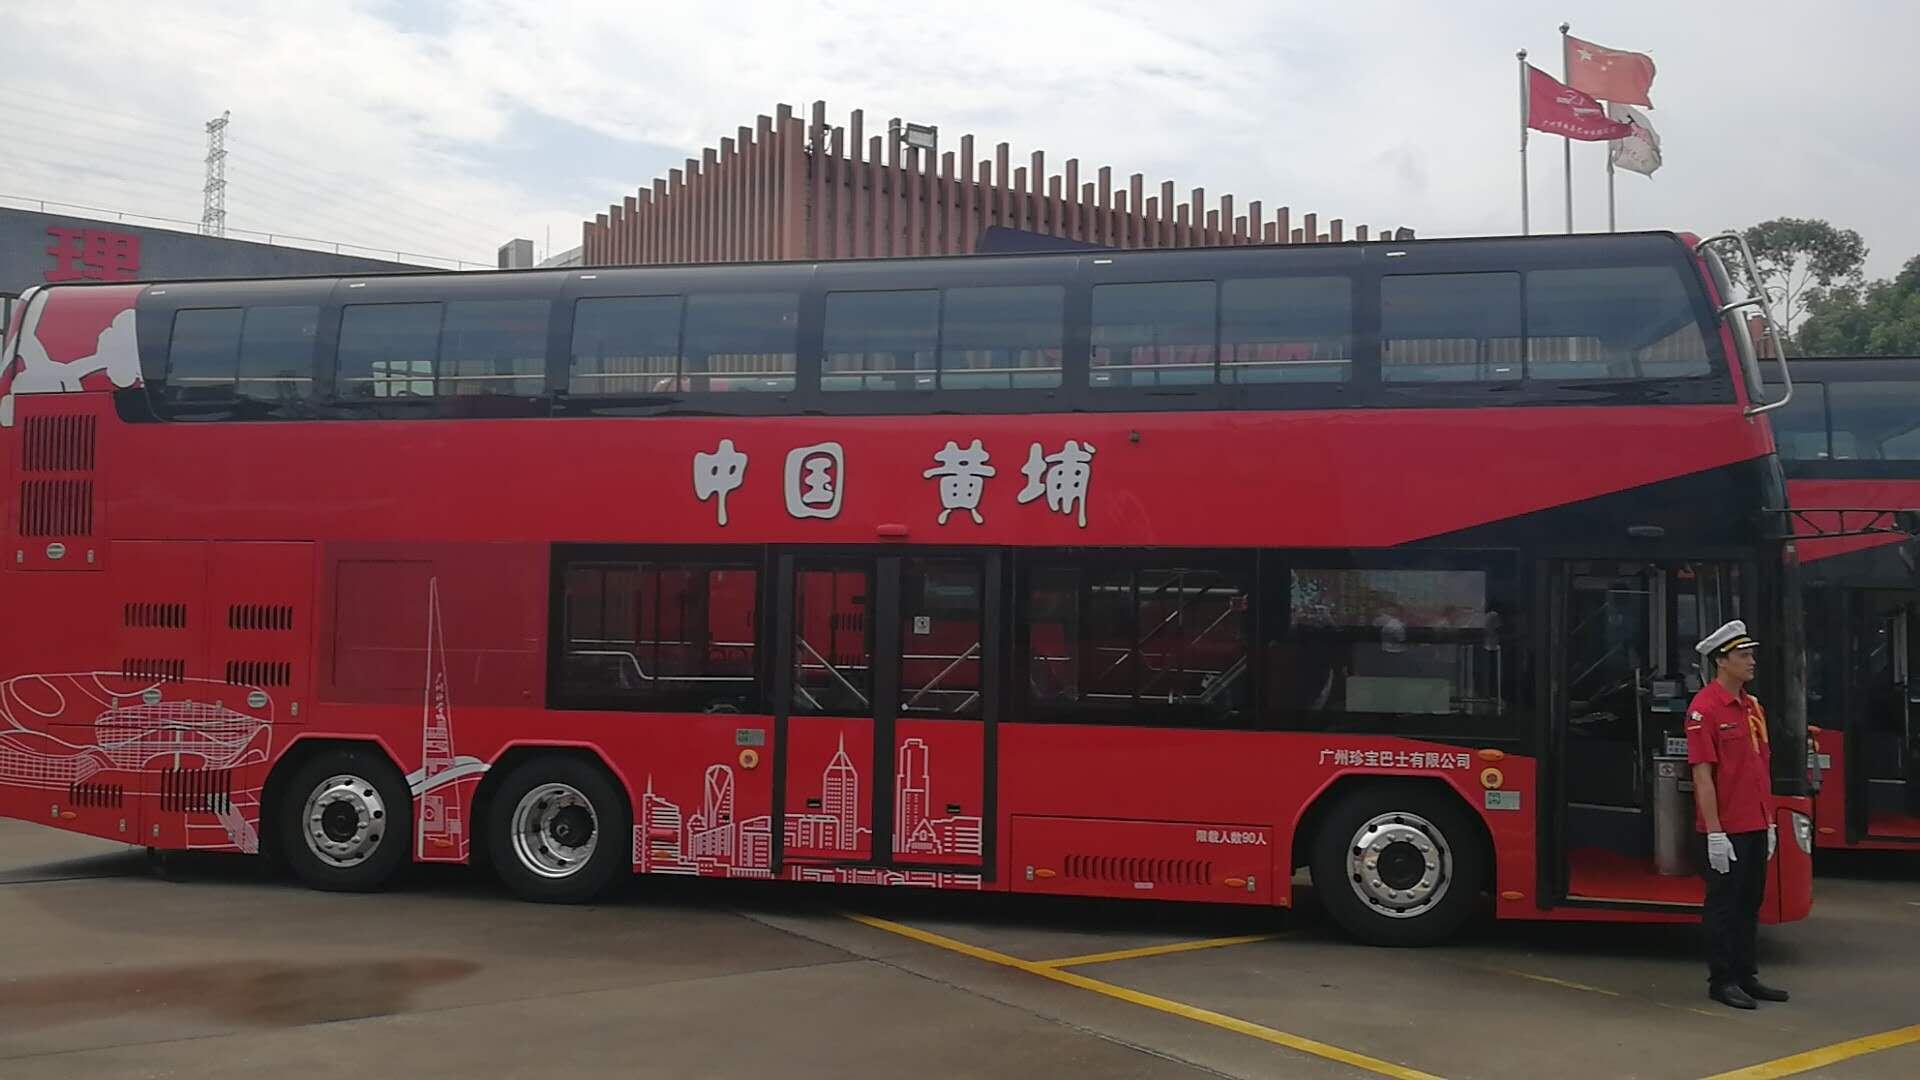 这批20辆安凯纯电动双层巴士以出口伦敦运营的车型为原版升级打造,车长12米、宽2.55米、高4.2米,以热情中国红为主色调,配以萝岗香雪 等梅花造型,美观大方。车辆一次充电35小时,满电可跑250公里,不开空调300公里,可以满足线路全天的使用需求。